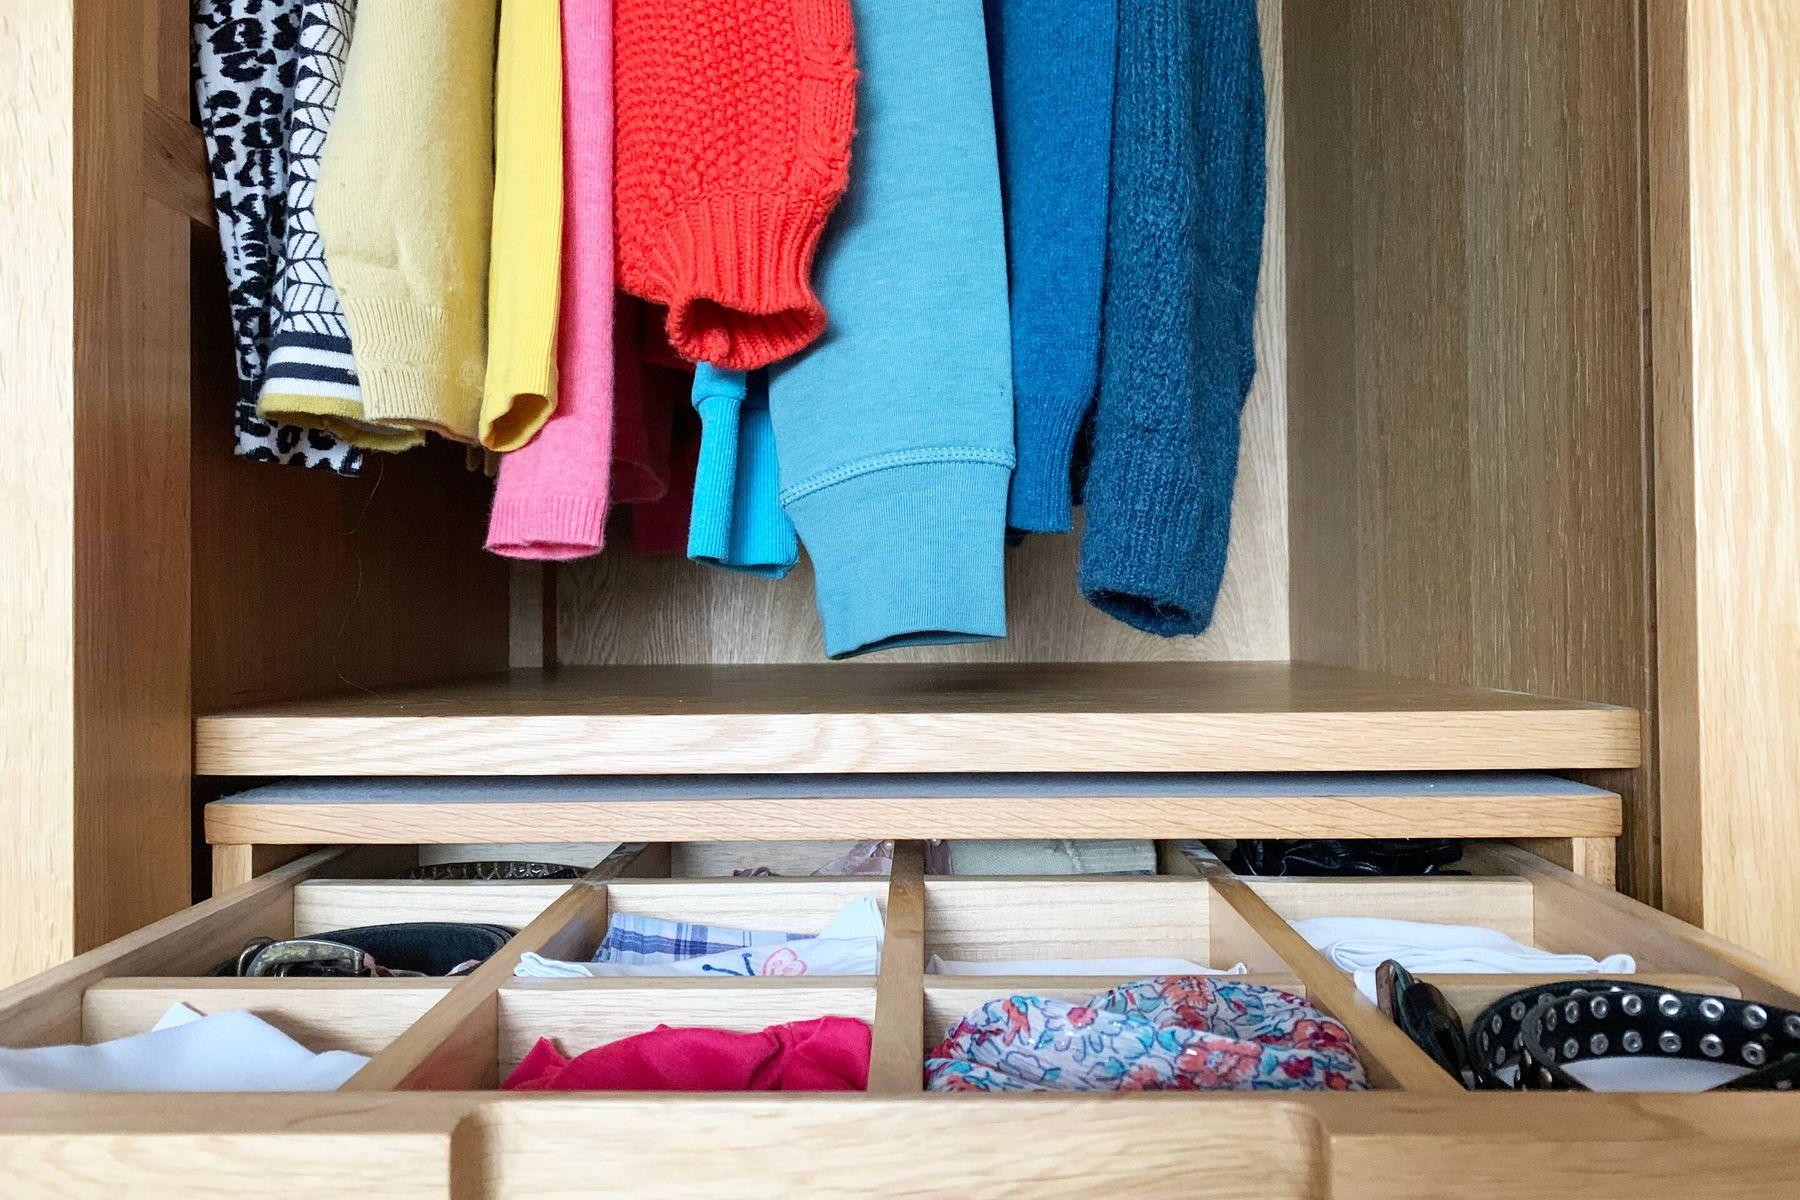 cách hút ẩm tủ quần áo - giữ cho tủ thông thoáng khí